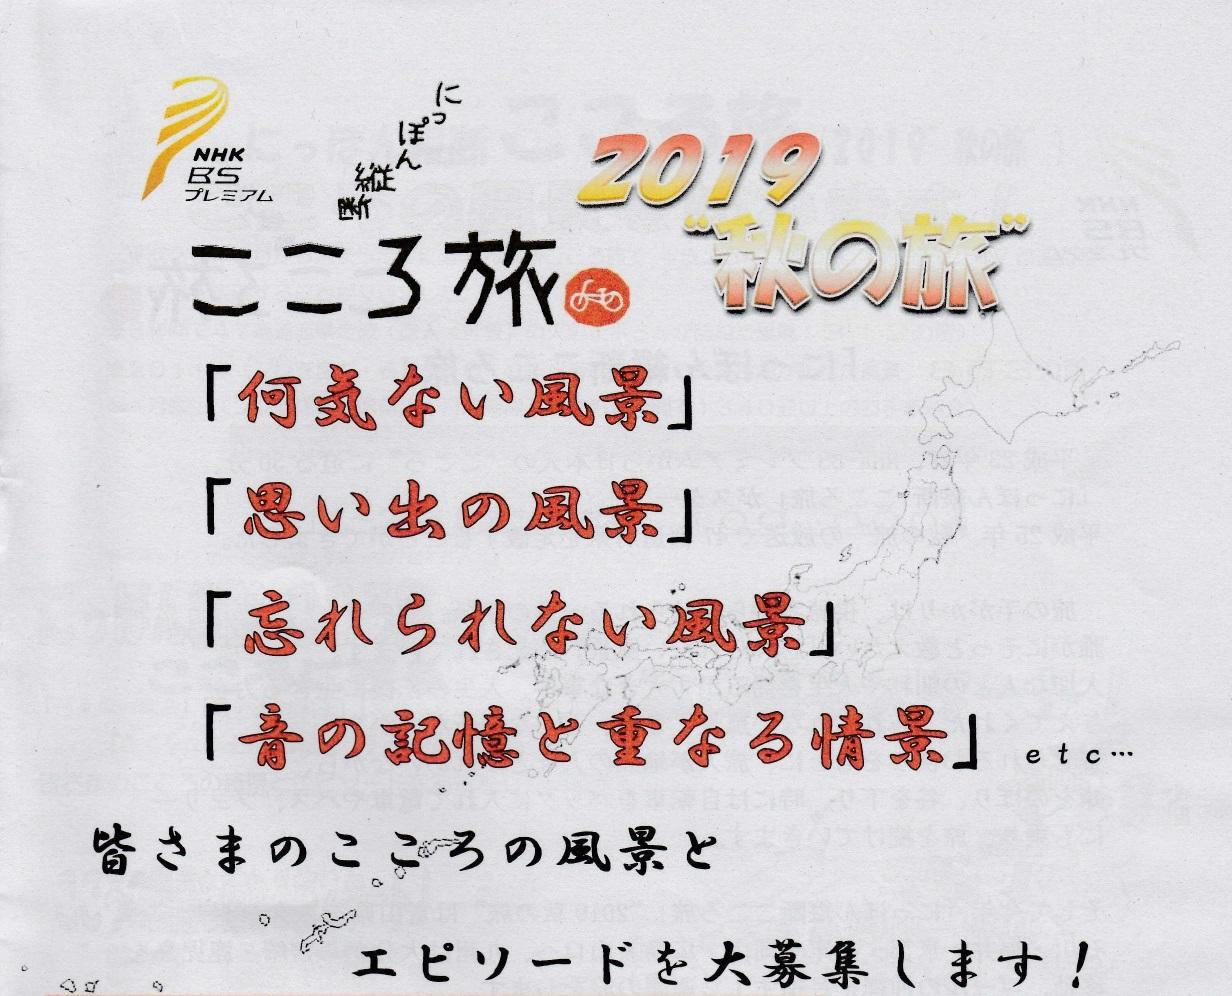 """★【NHKBSプレミアム】にっぽん縦断 こころ旅 2019""""秋の旅""""エピソード大募集!!"""